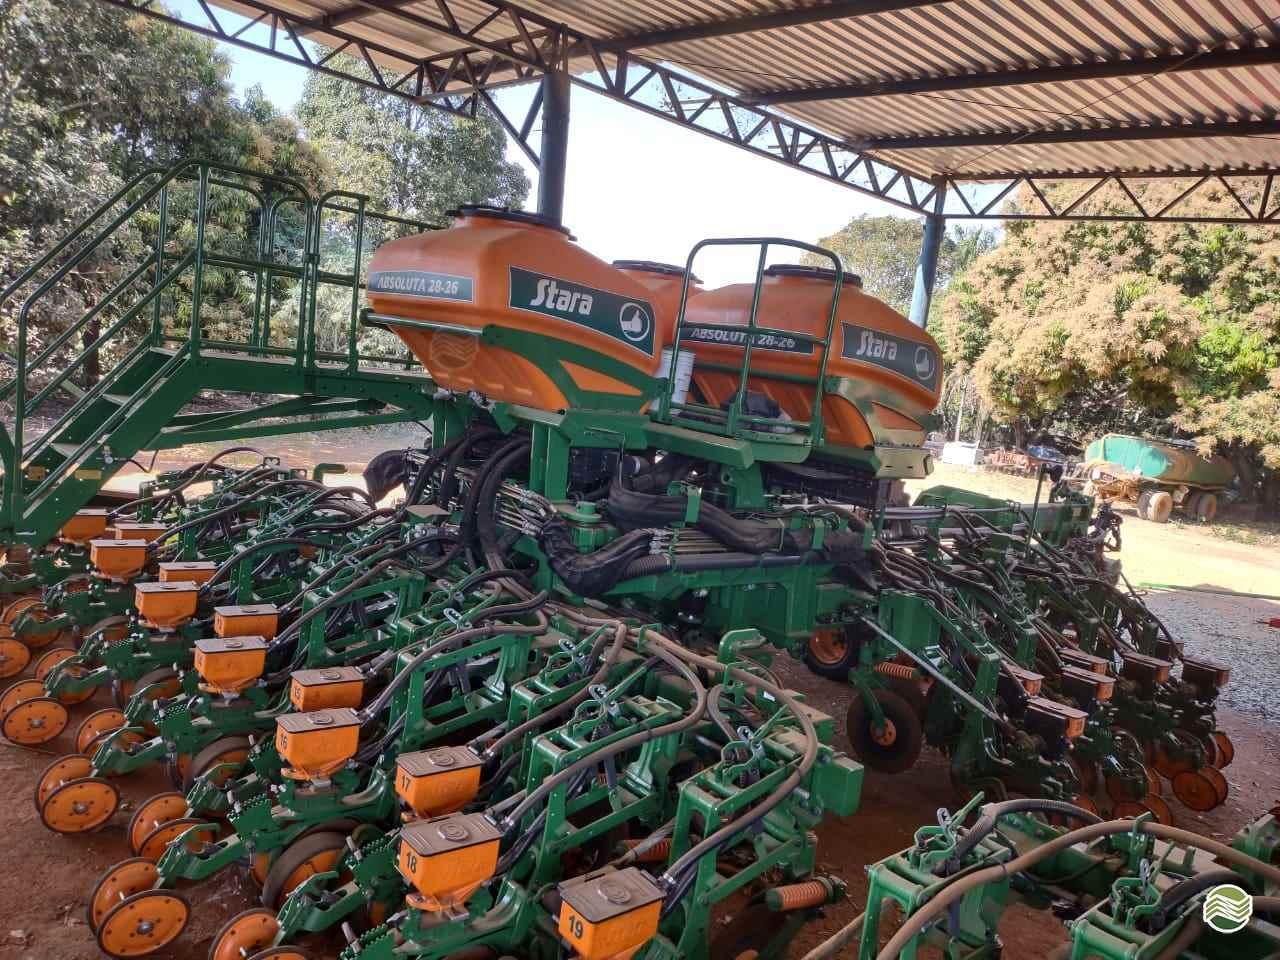 ABSOLUTA 28 de Gama Máquinas Agrícolas - RIO VERDE/GO